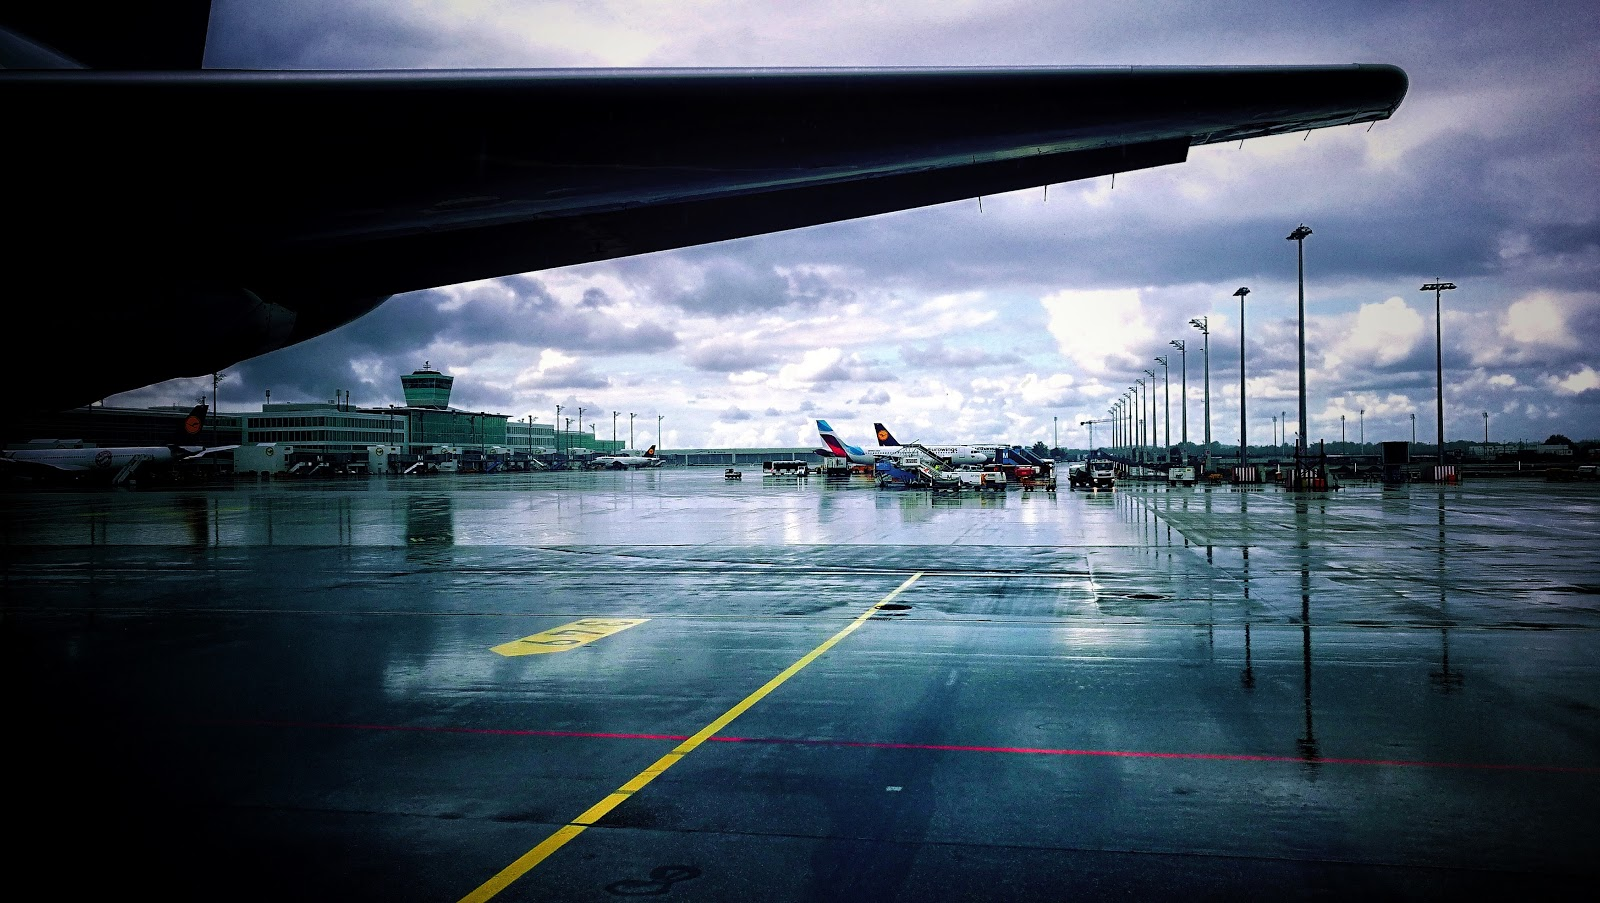 München Flughafen mit Blick auf das Terminal - Flugzeuge im Vordergrund bei Regen